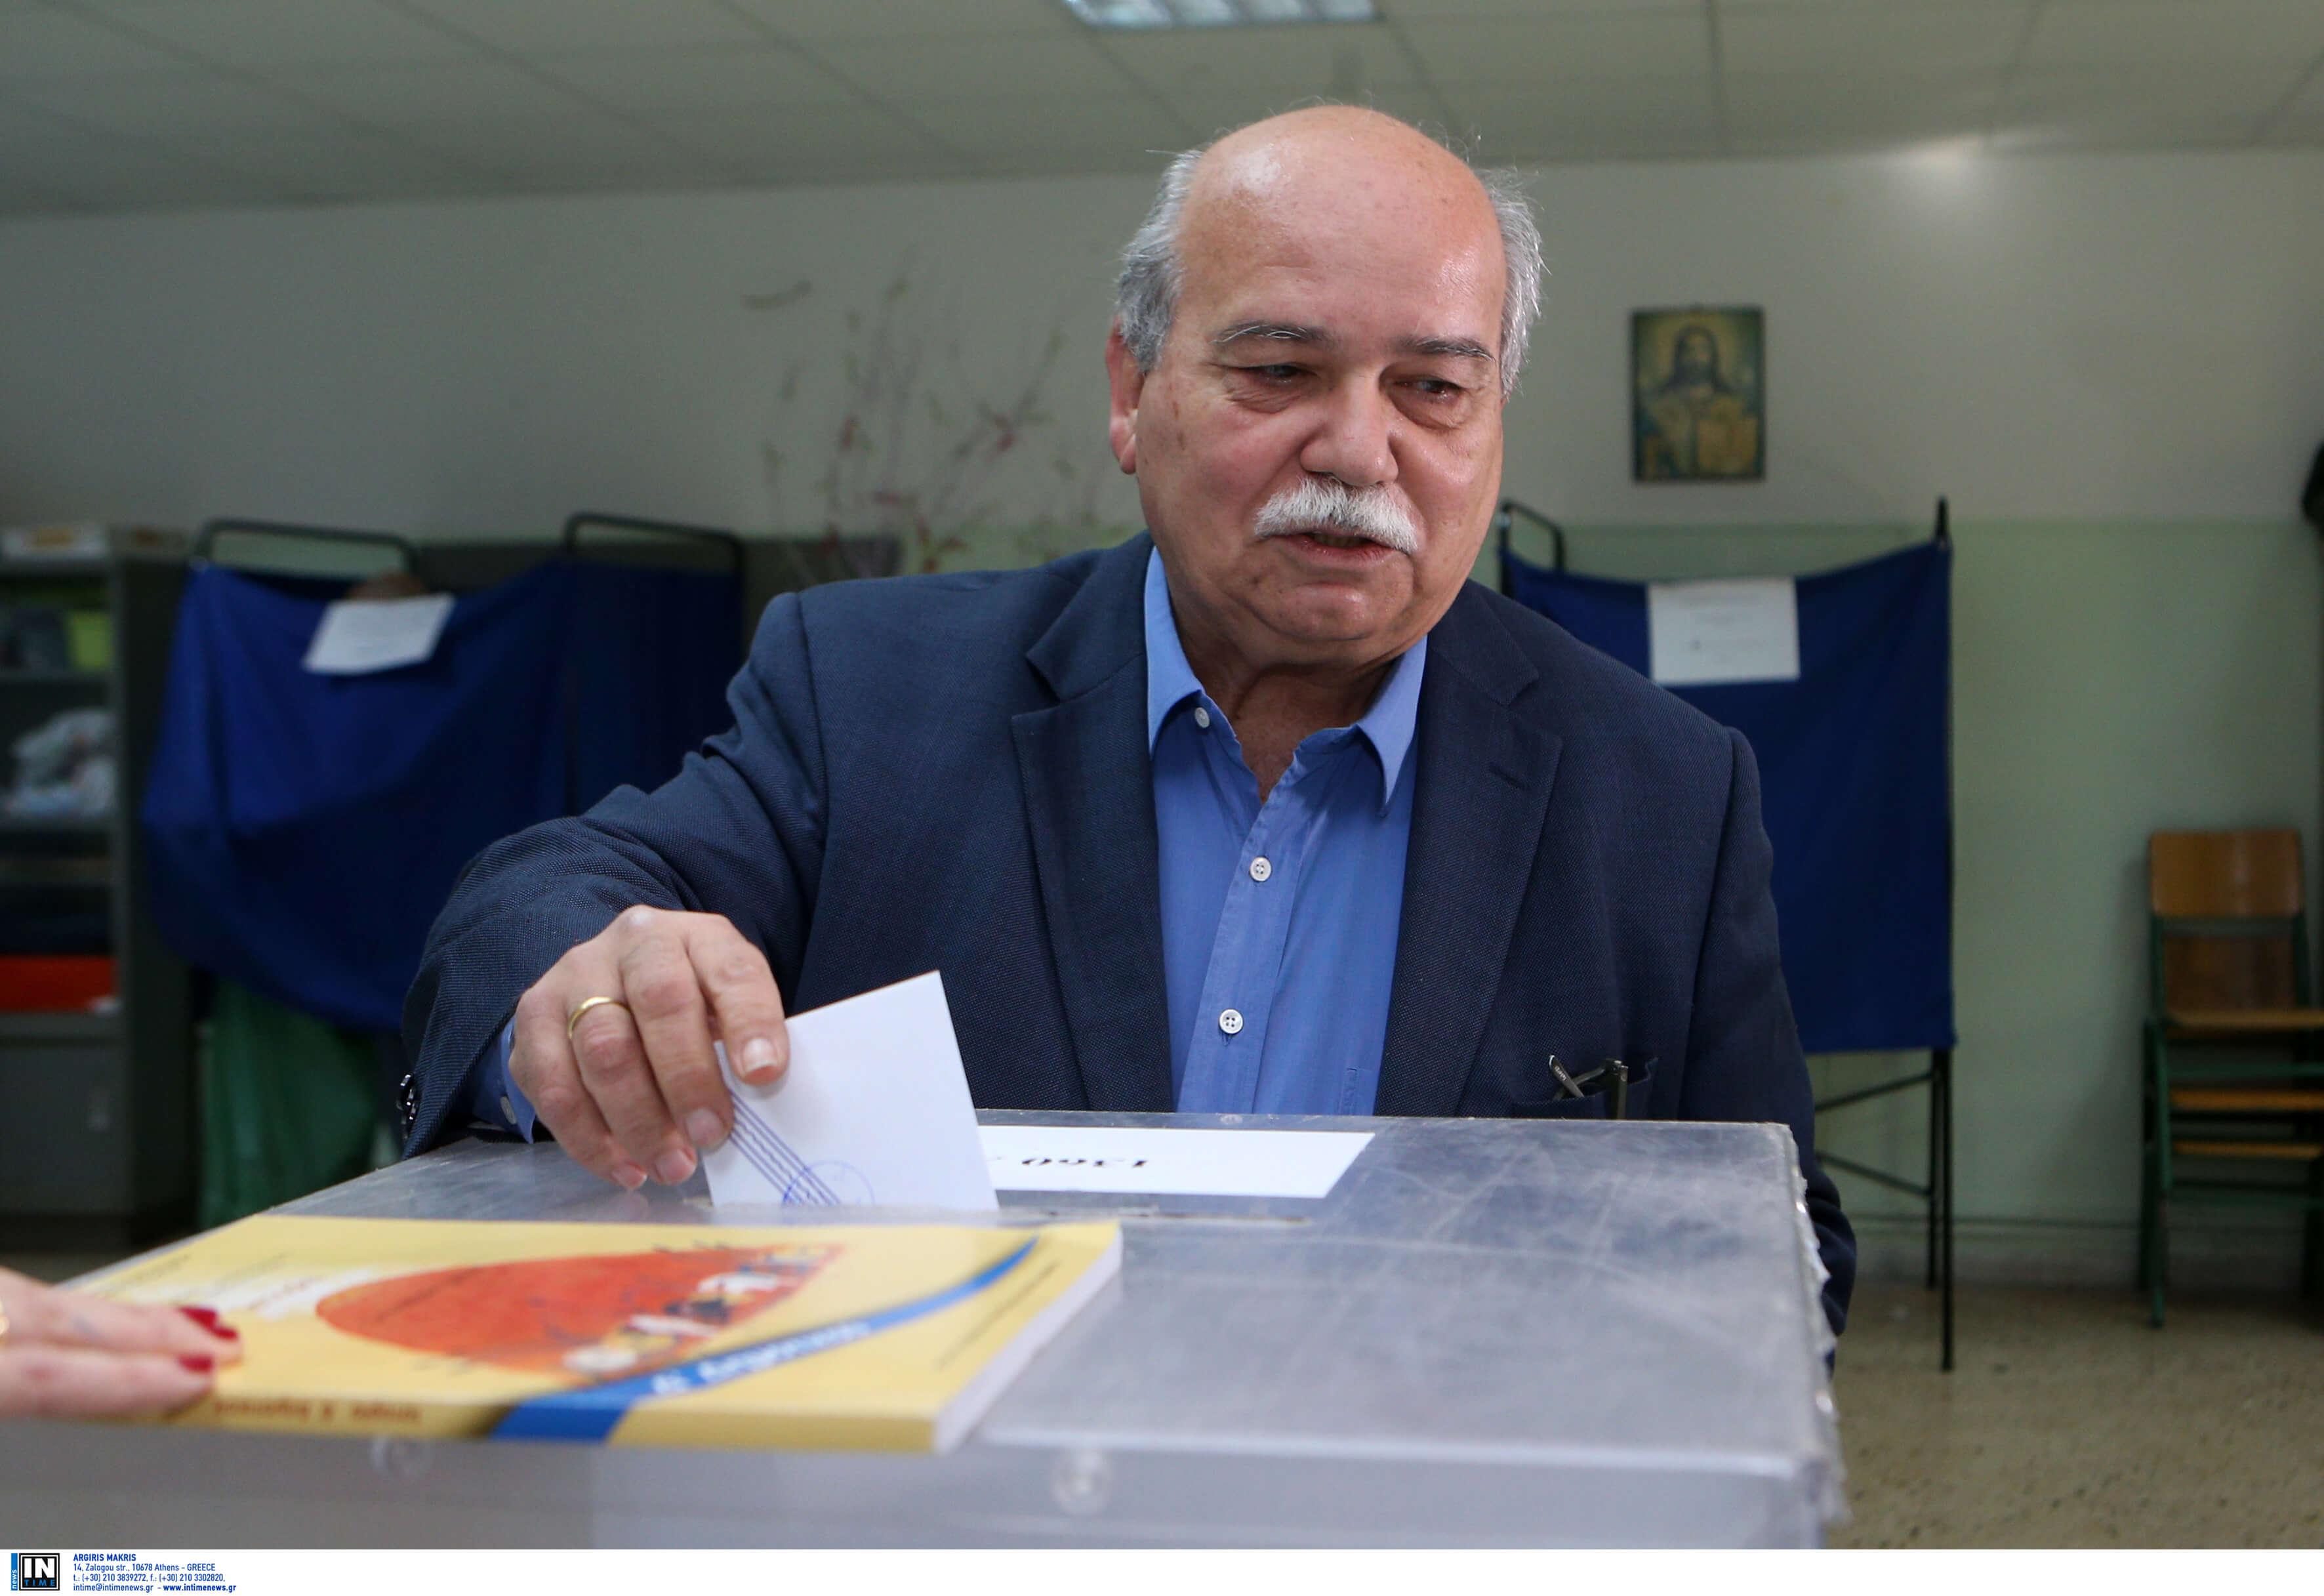 Εκλογές 2019 – Βούτσης: Η χώρα έχει ανάγκη προοδευτικές και συμμετοχικές παρεμβάσεις [video]